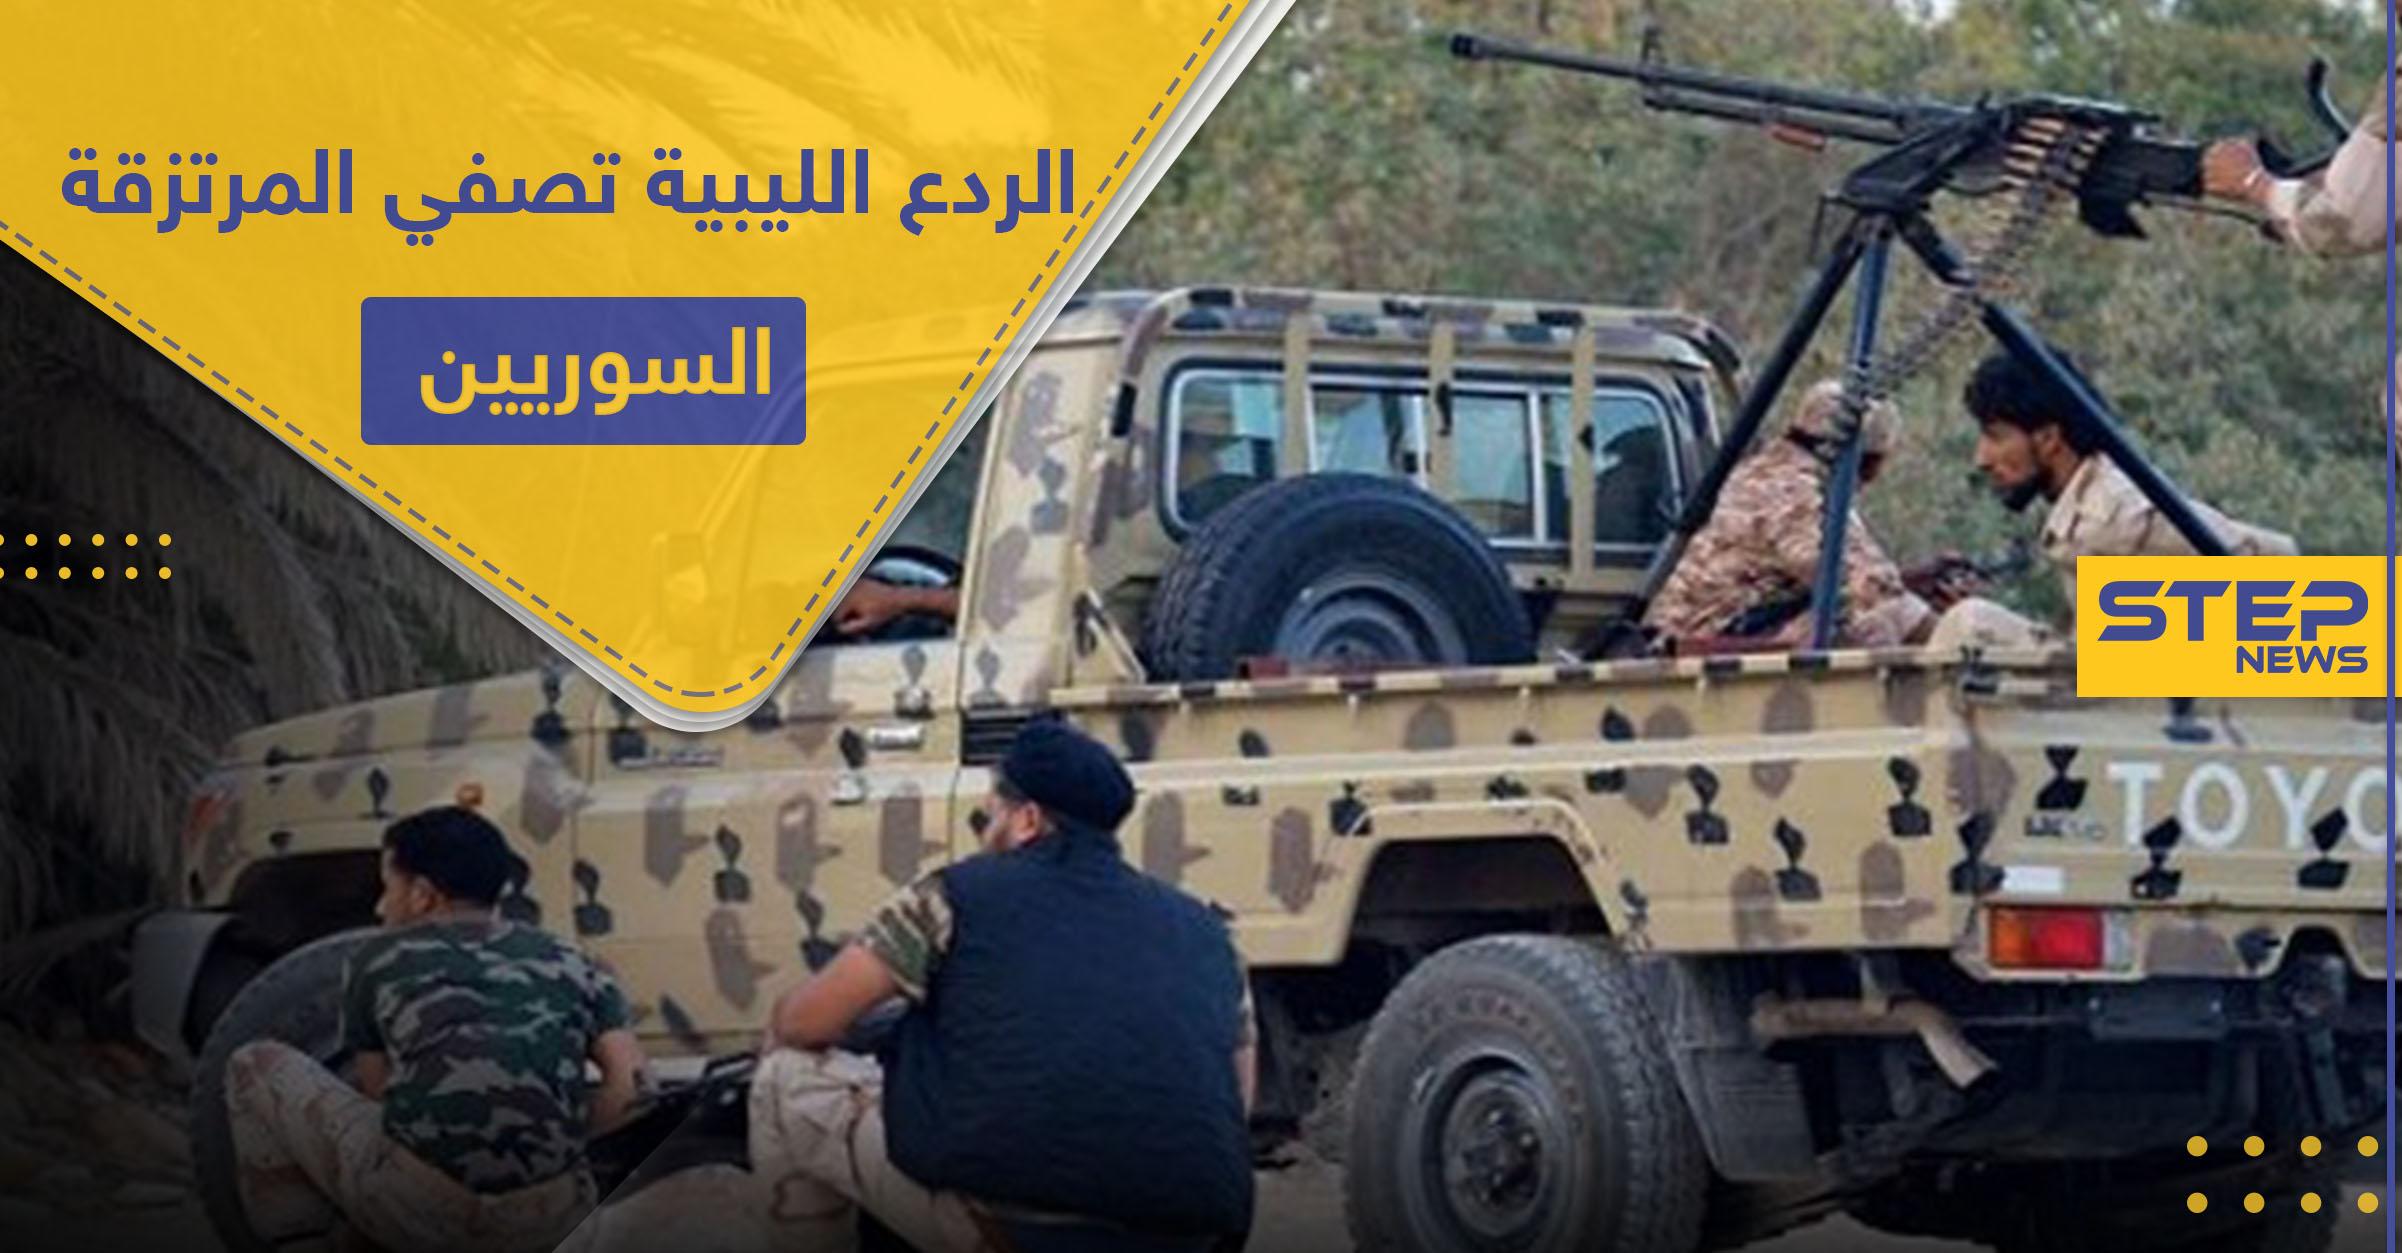 قوات الردع الليبية تضيّق على المرتزقة السوريين في البلاد